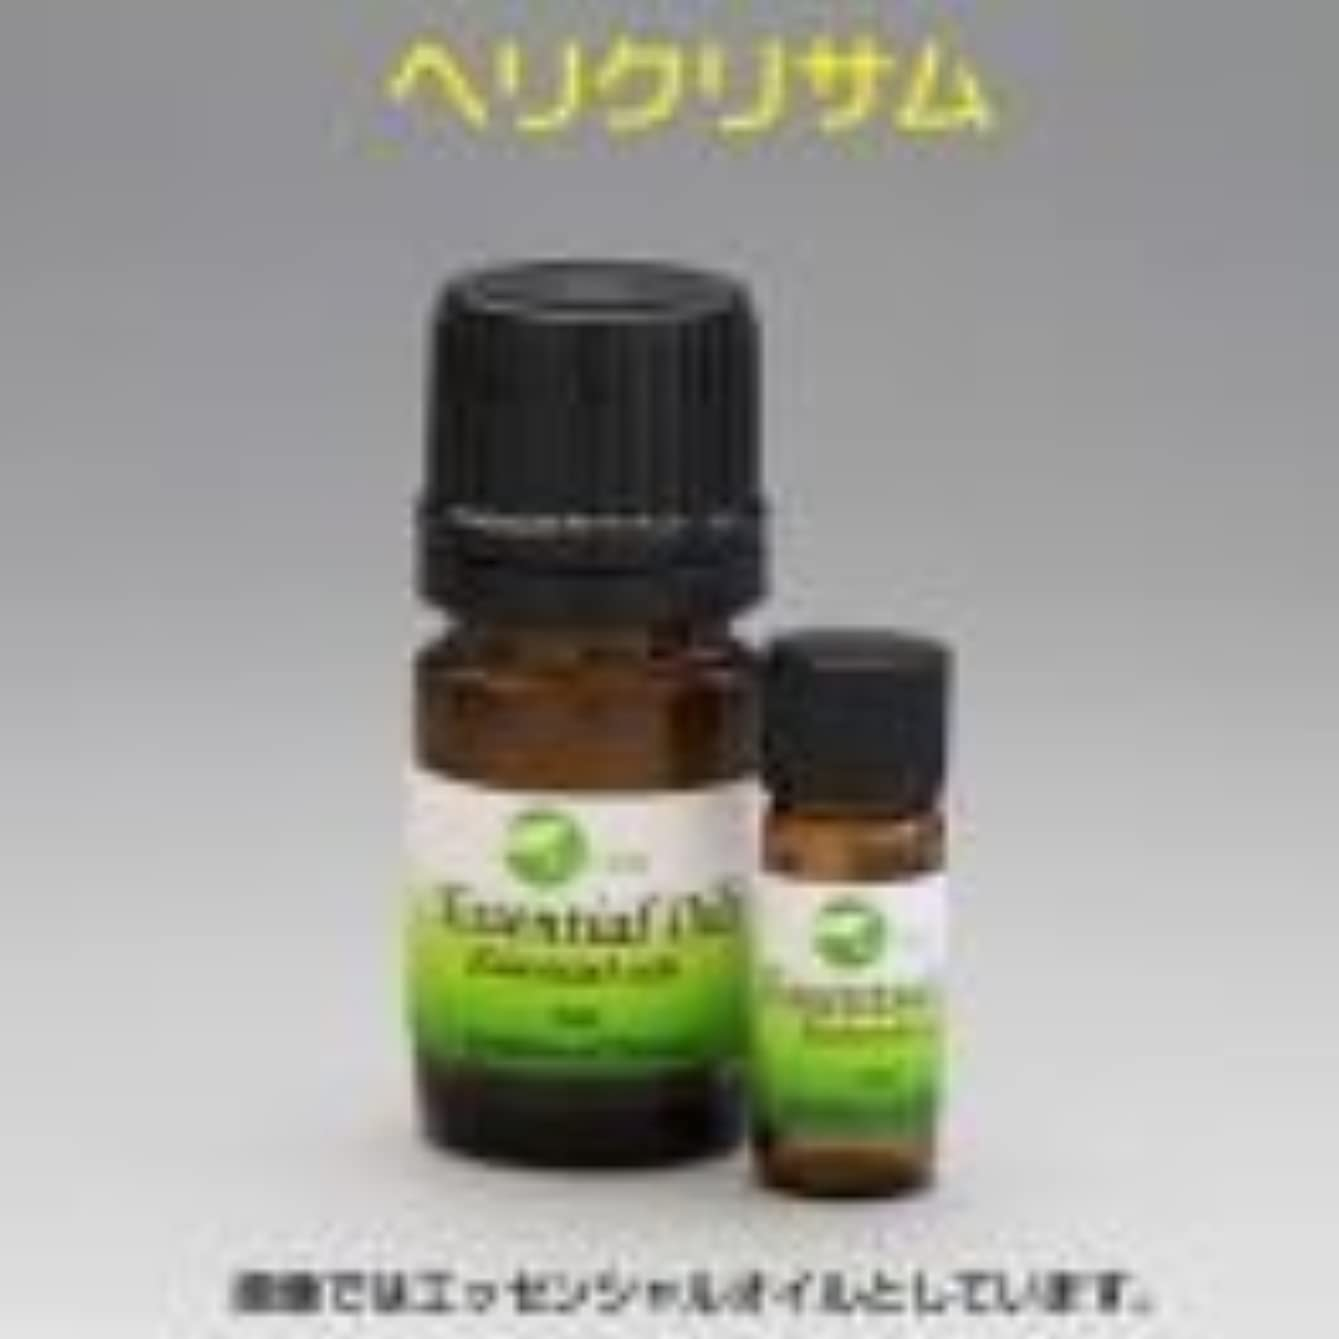 体系的にアライアンス失望[エッセンシャルオイル] ウッディーで甘美な香り ヘリクリサム 2ml